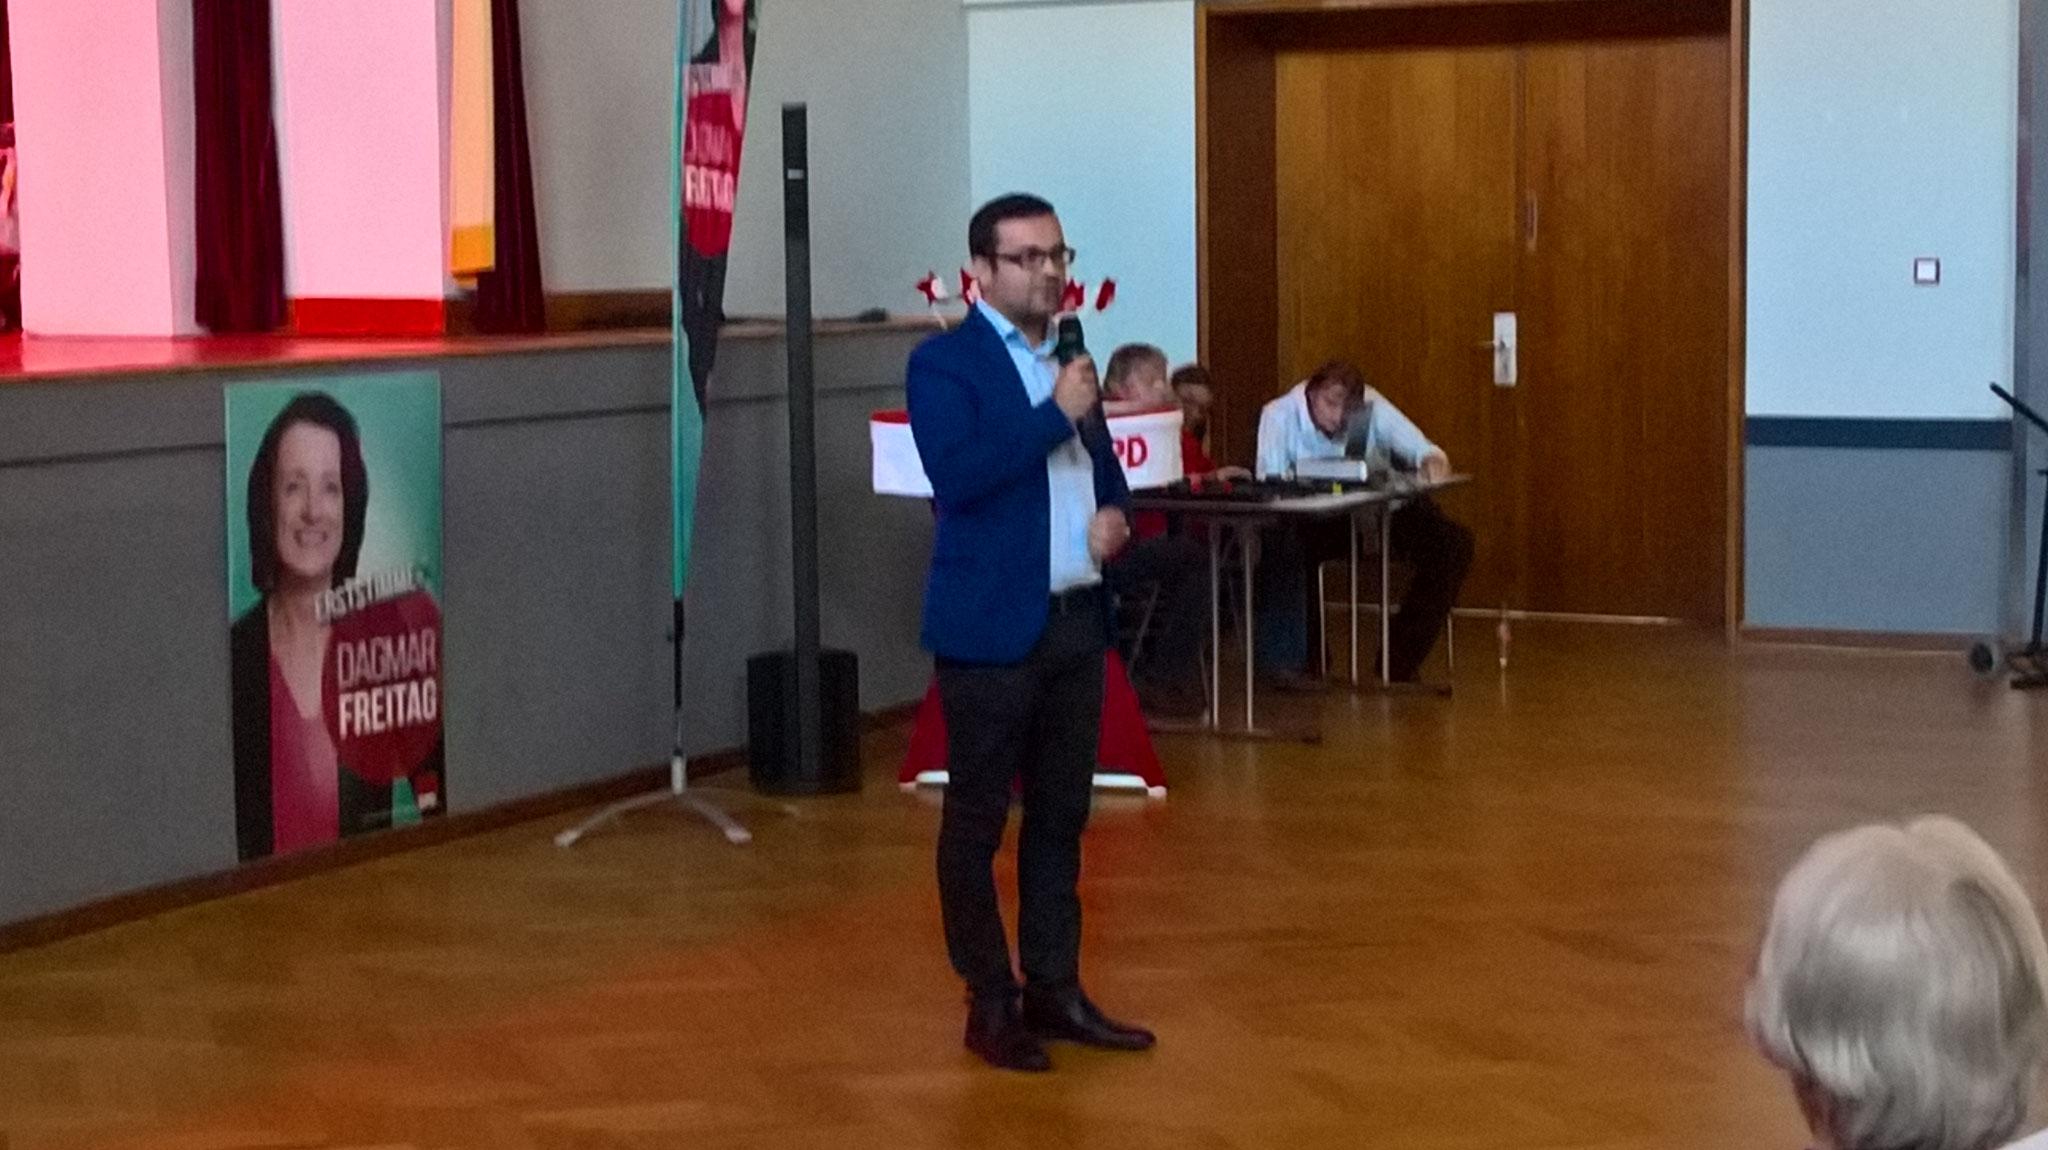 Fraktionsvorsitzender Dimi Axourgos hält eine Rede